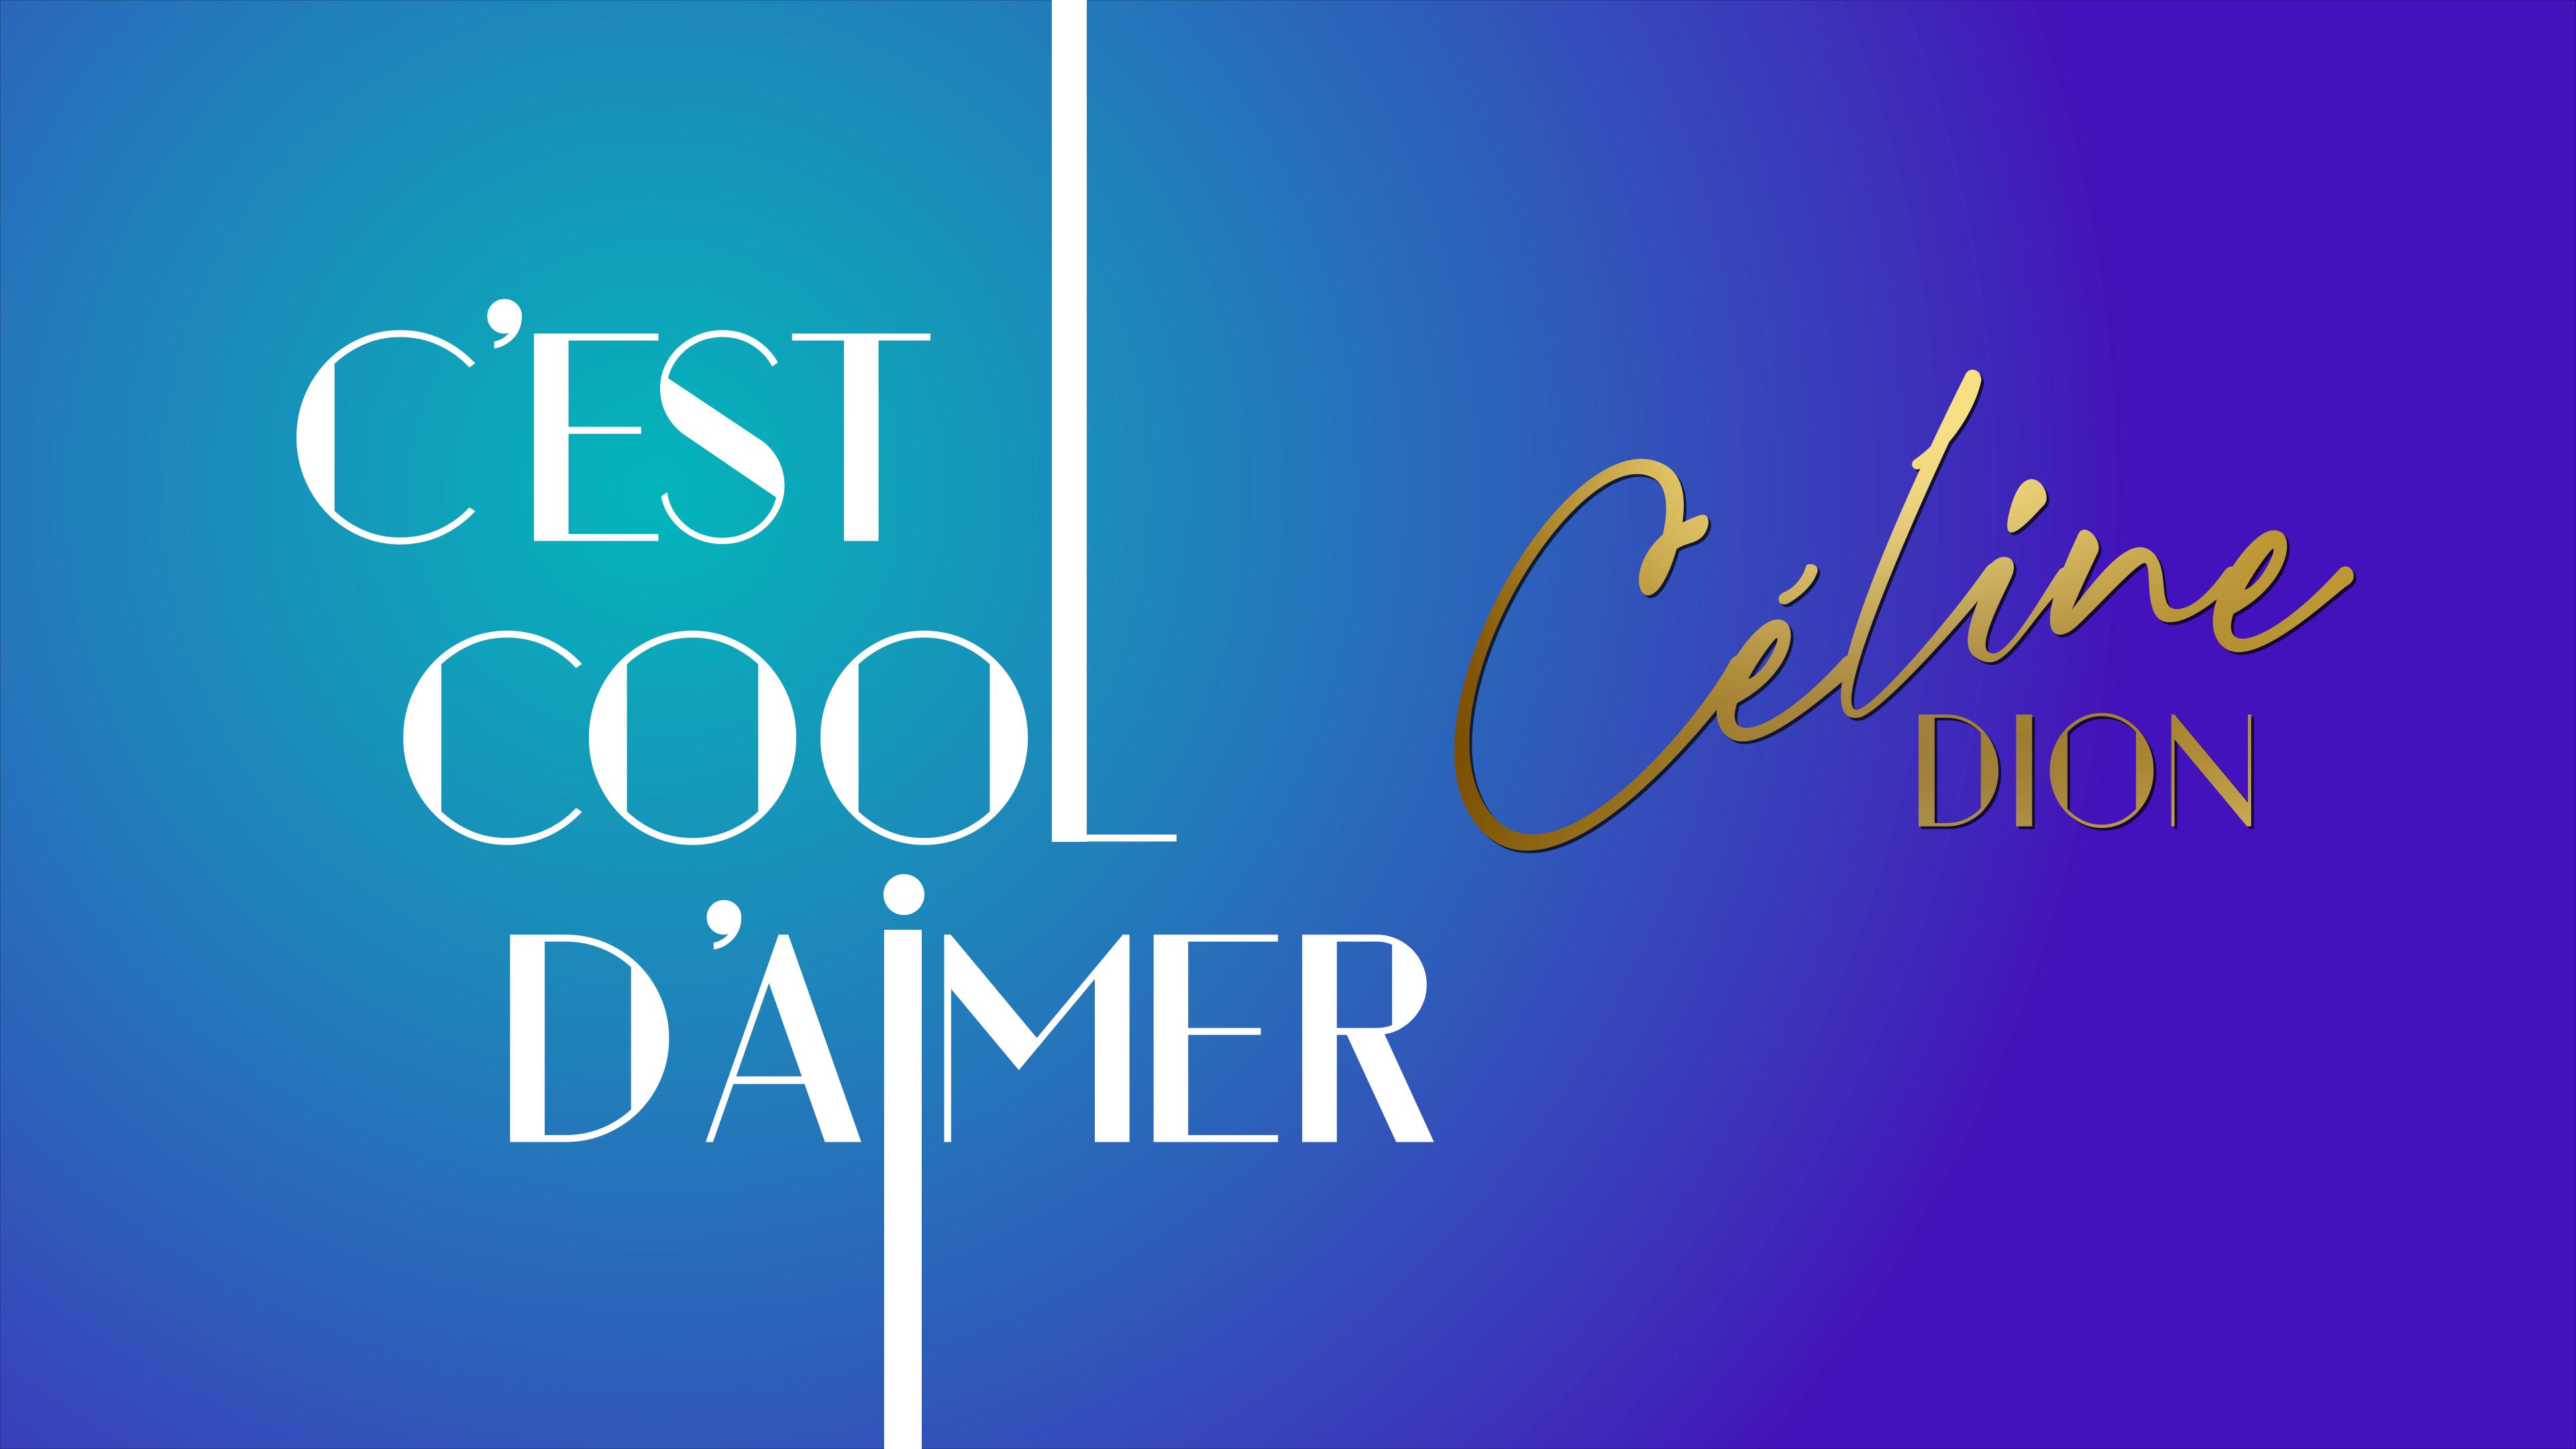 Voyez la bande-annonce de C'est cool d'aimer Céline Dion!